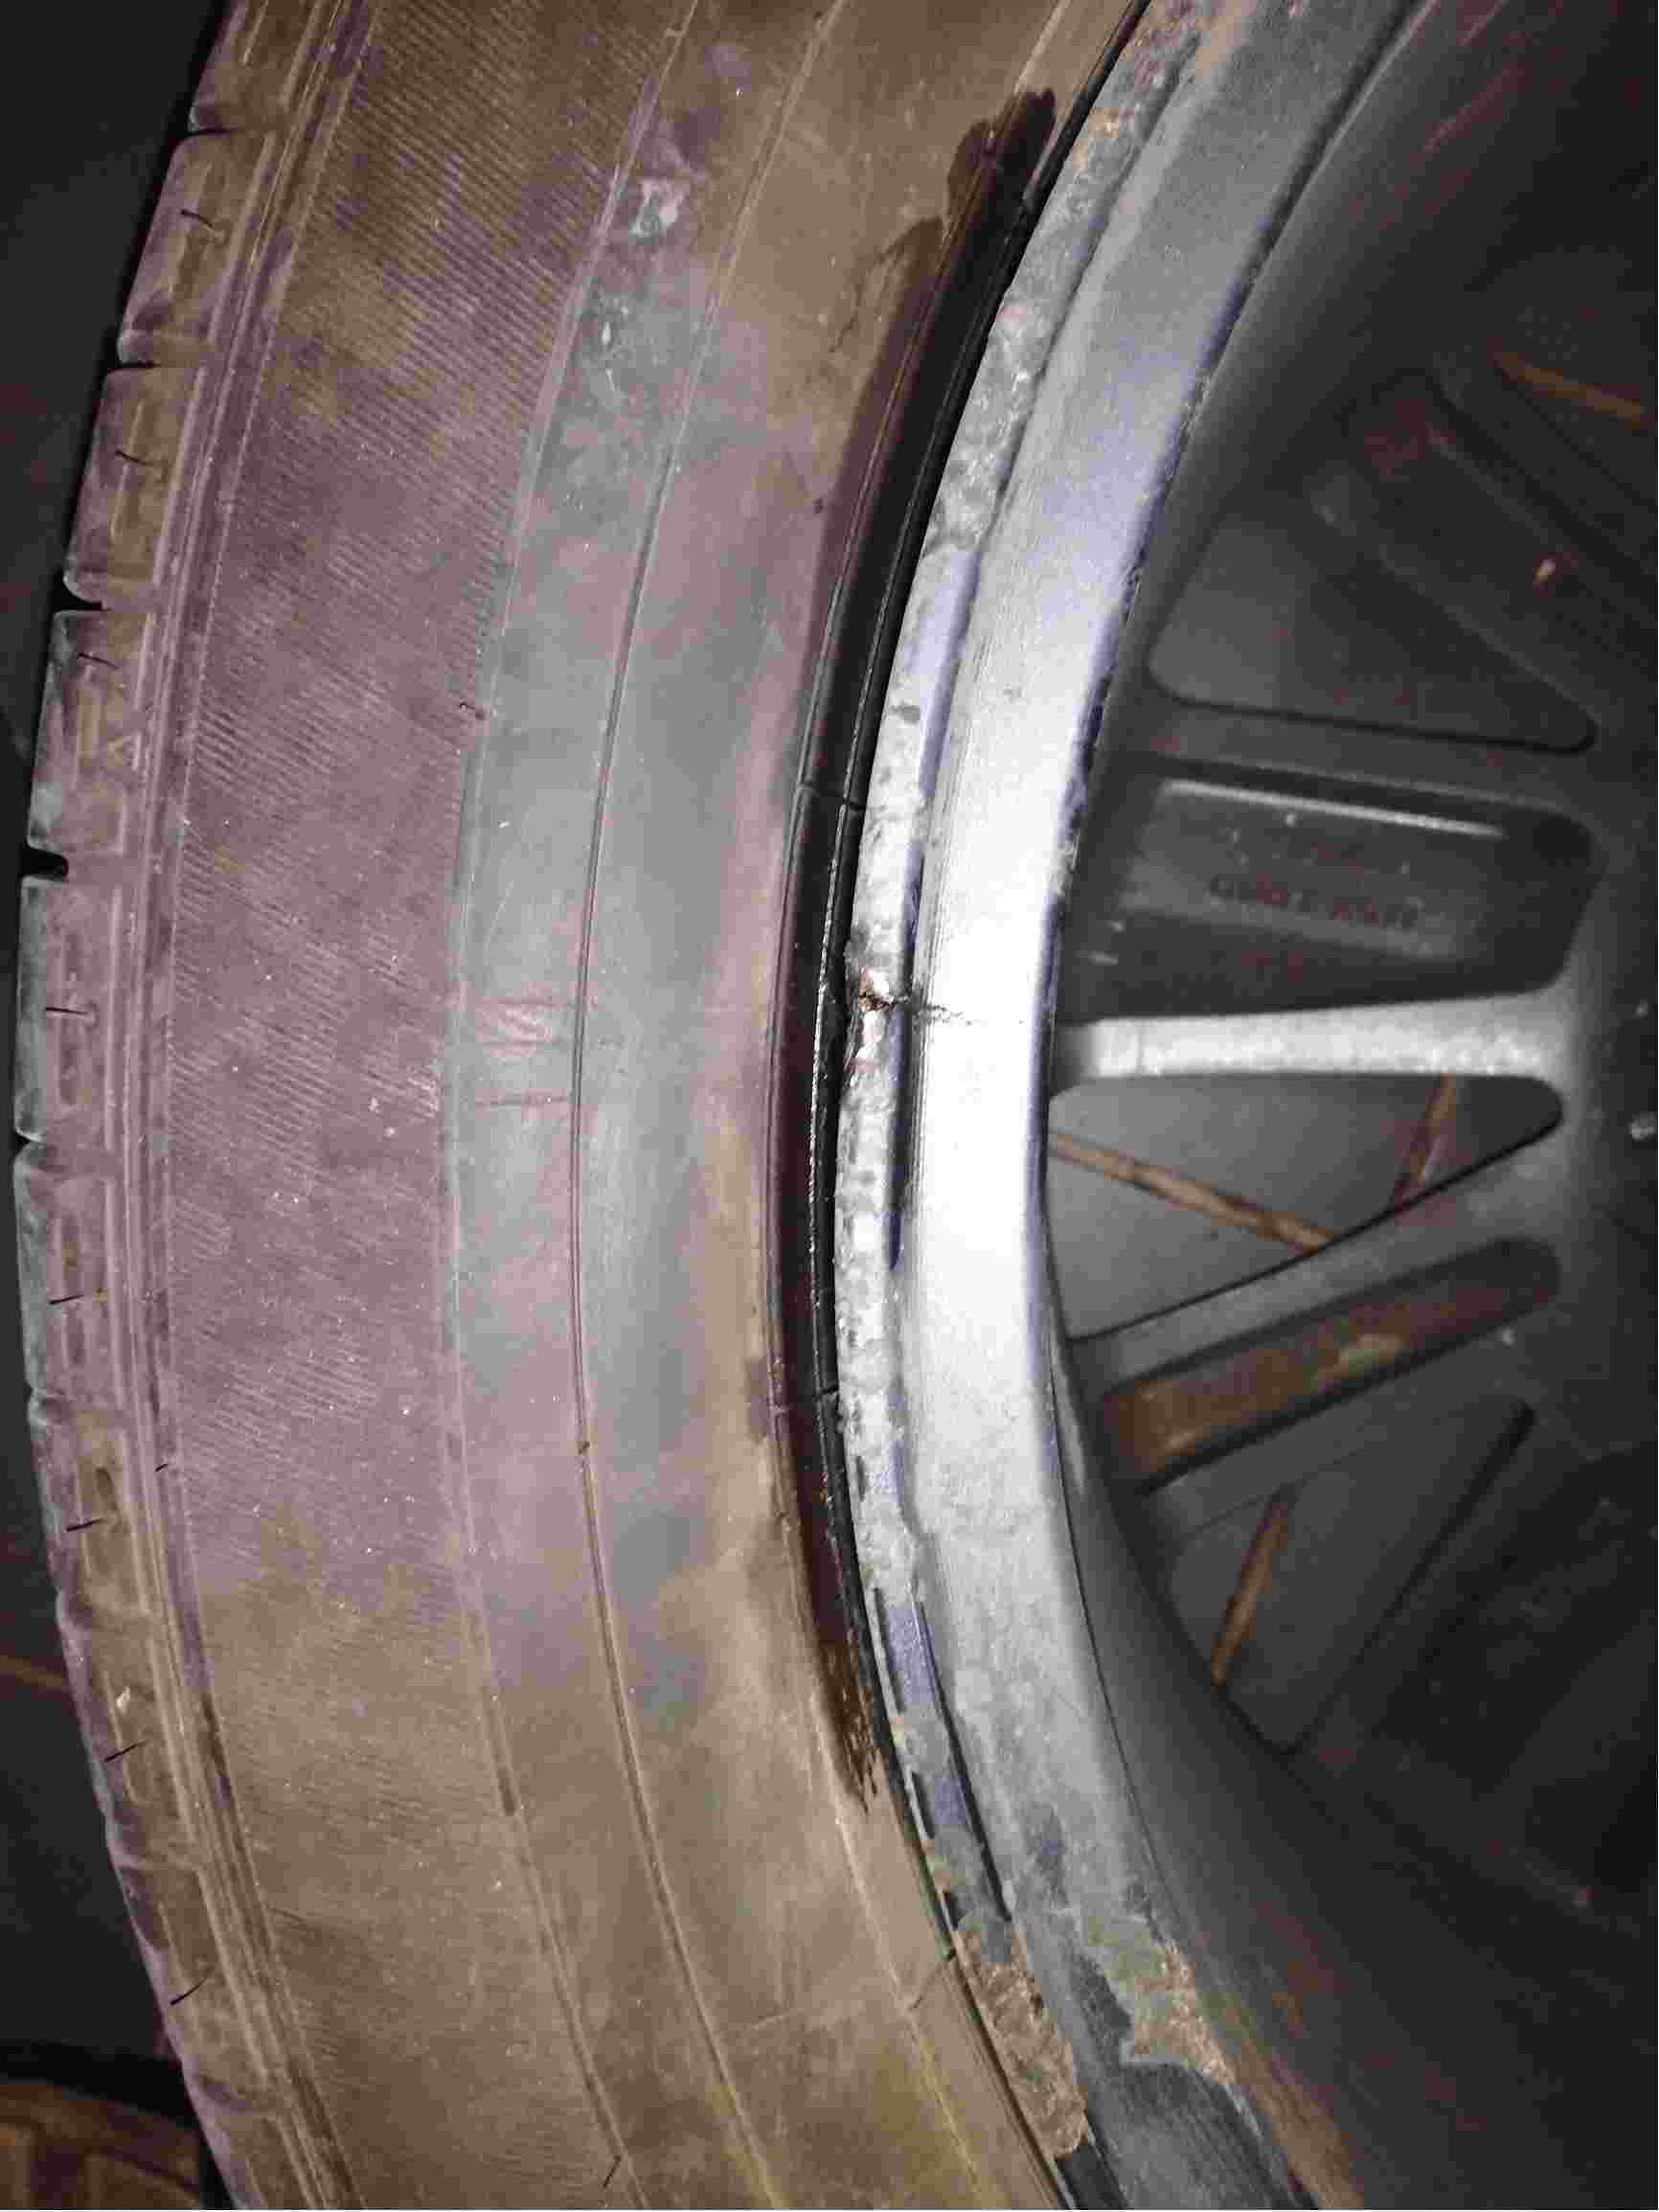 车轮轮毂内侧有裂缝